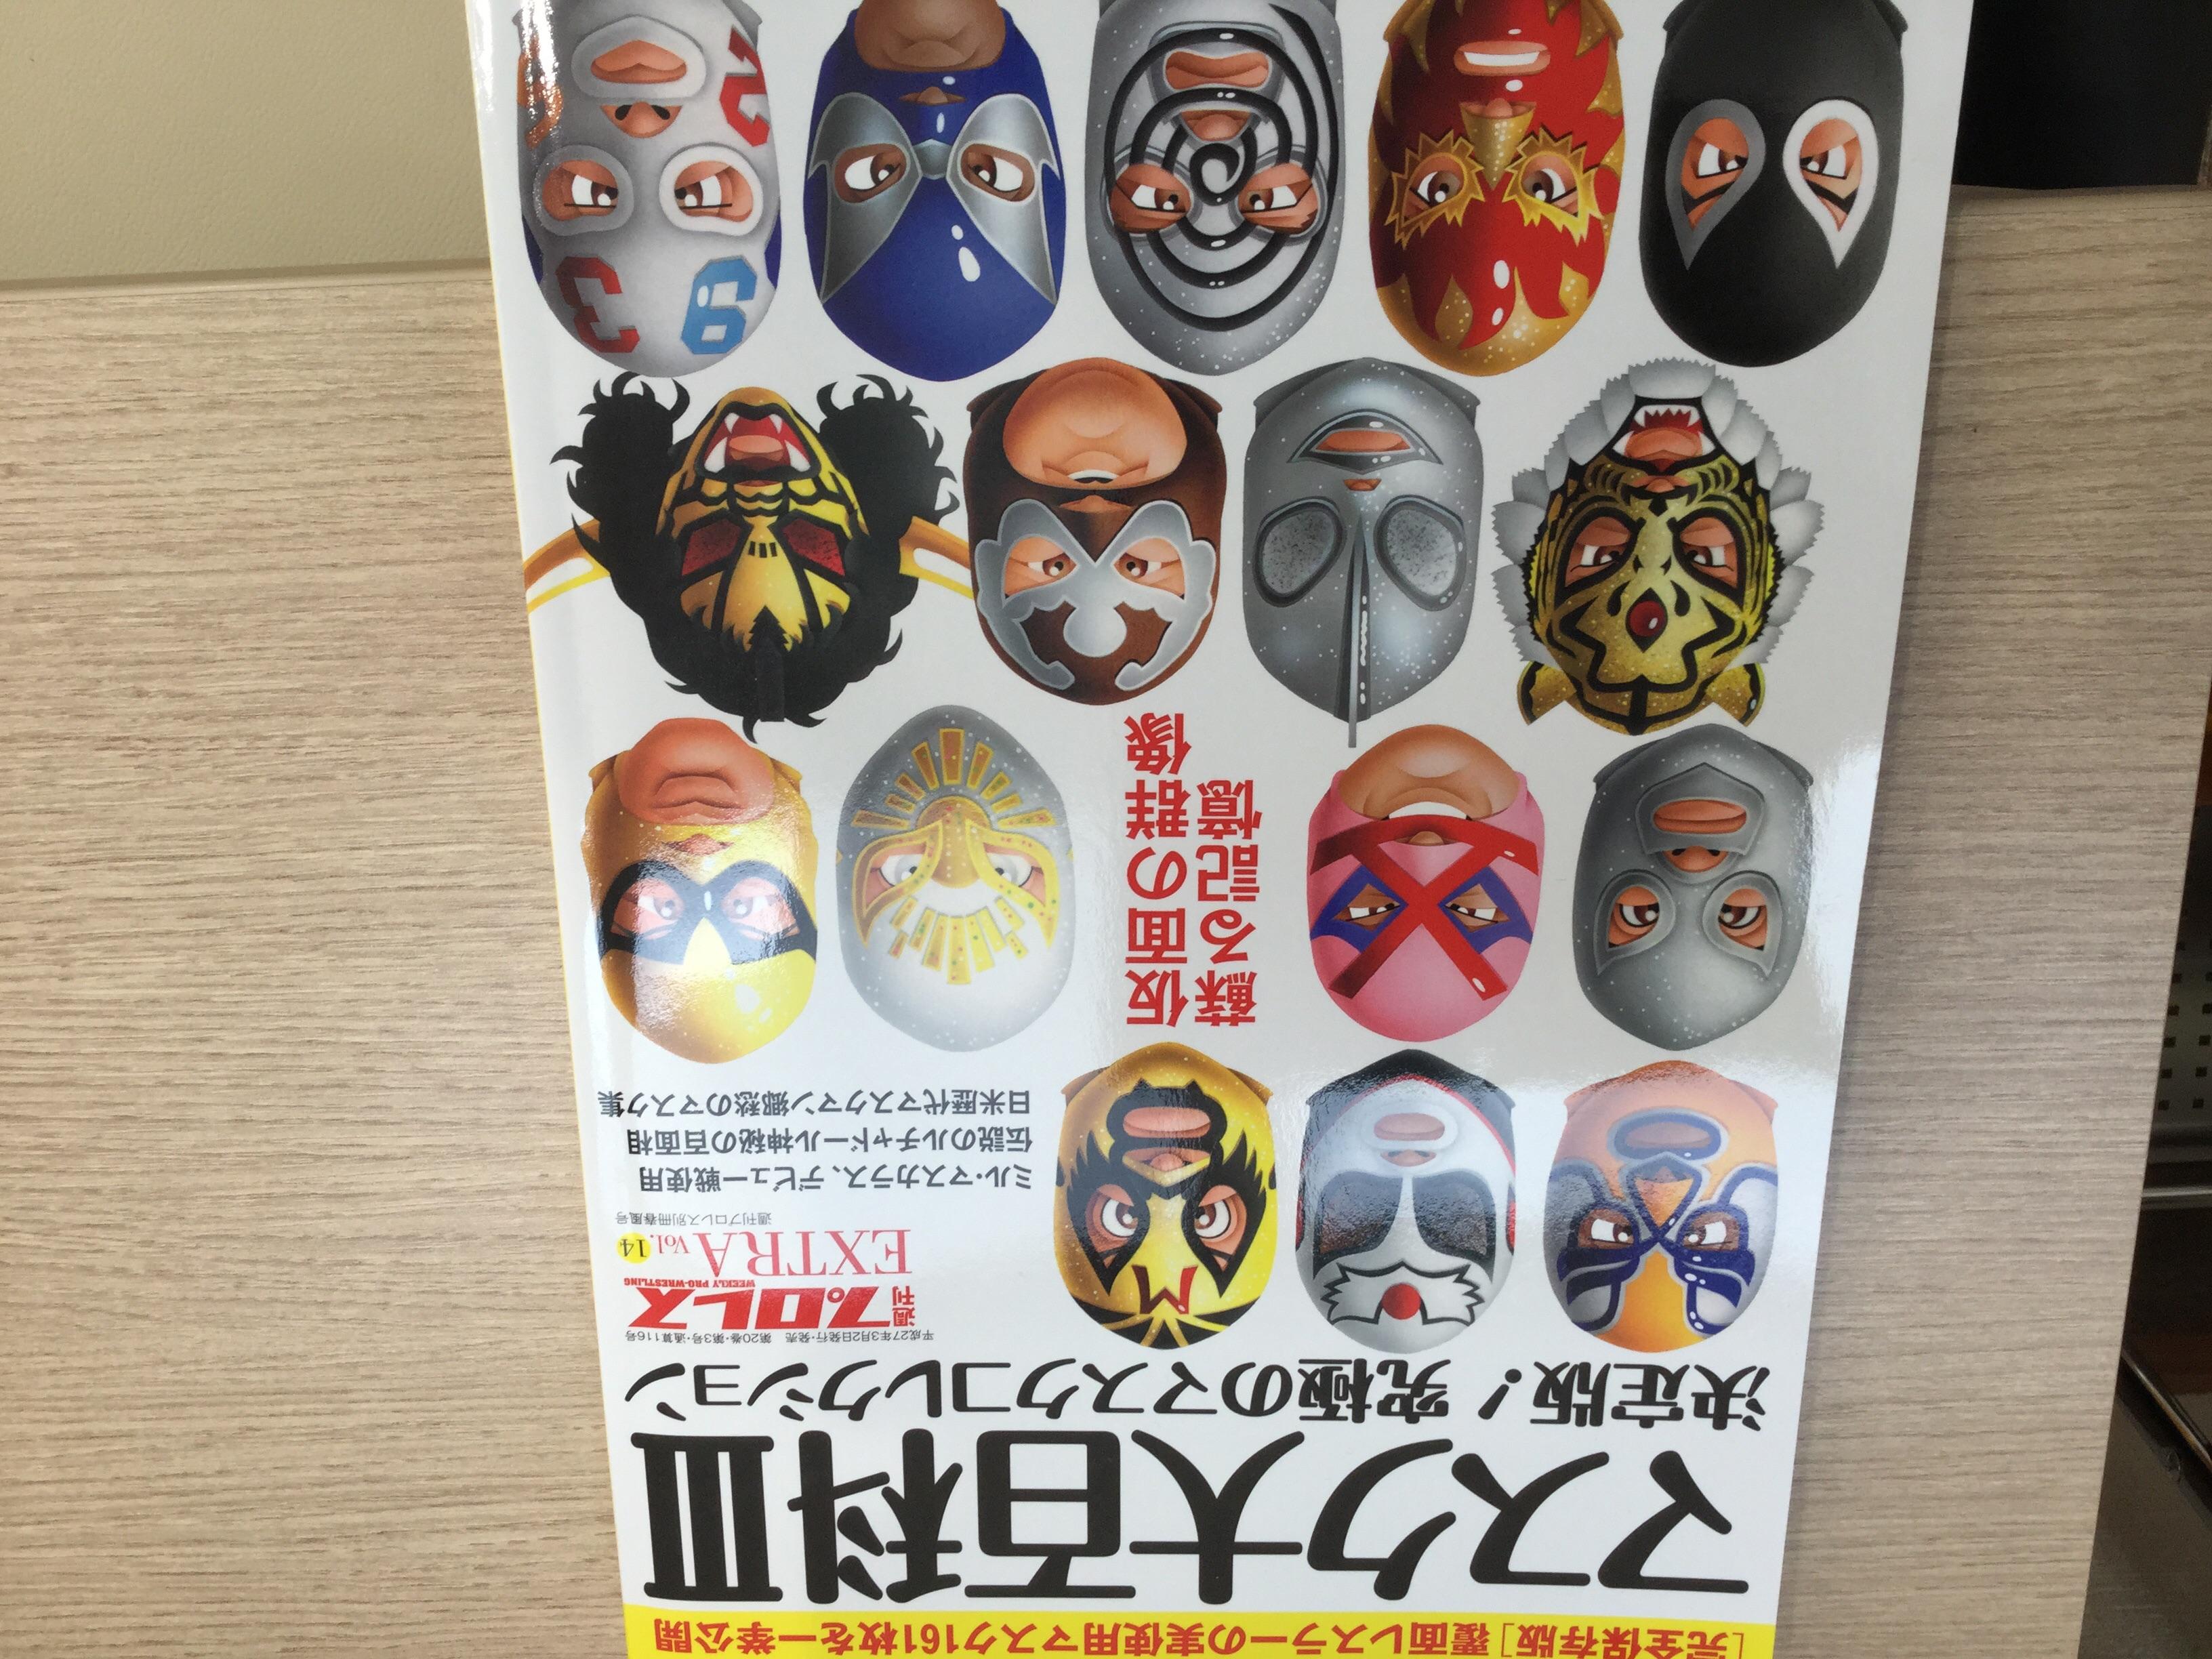 マスク大百科Ⅲ 週刊プロレス Extra